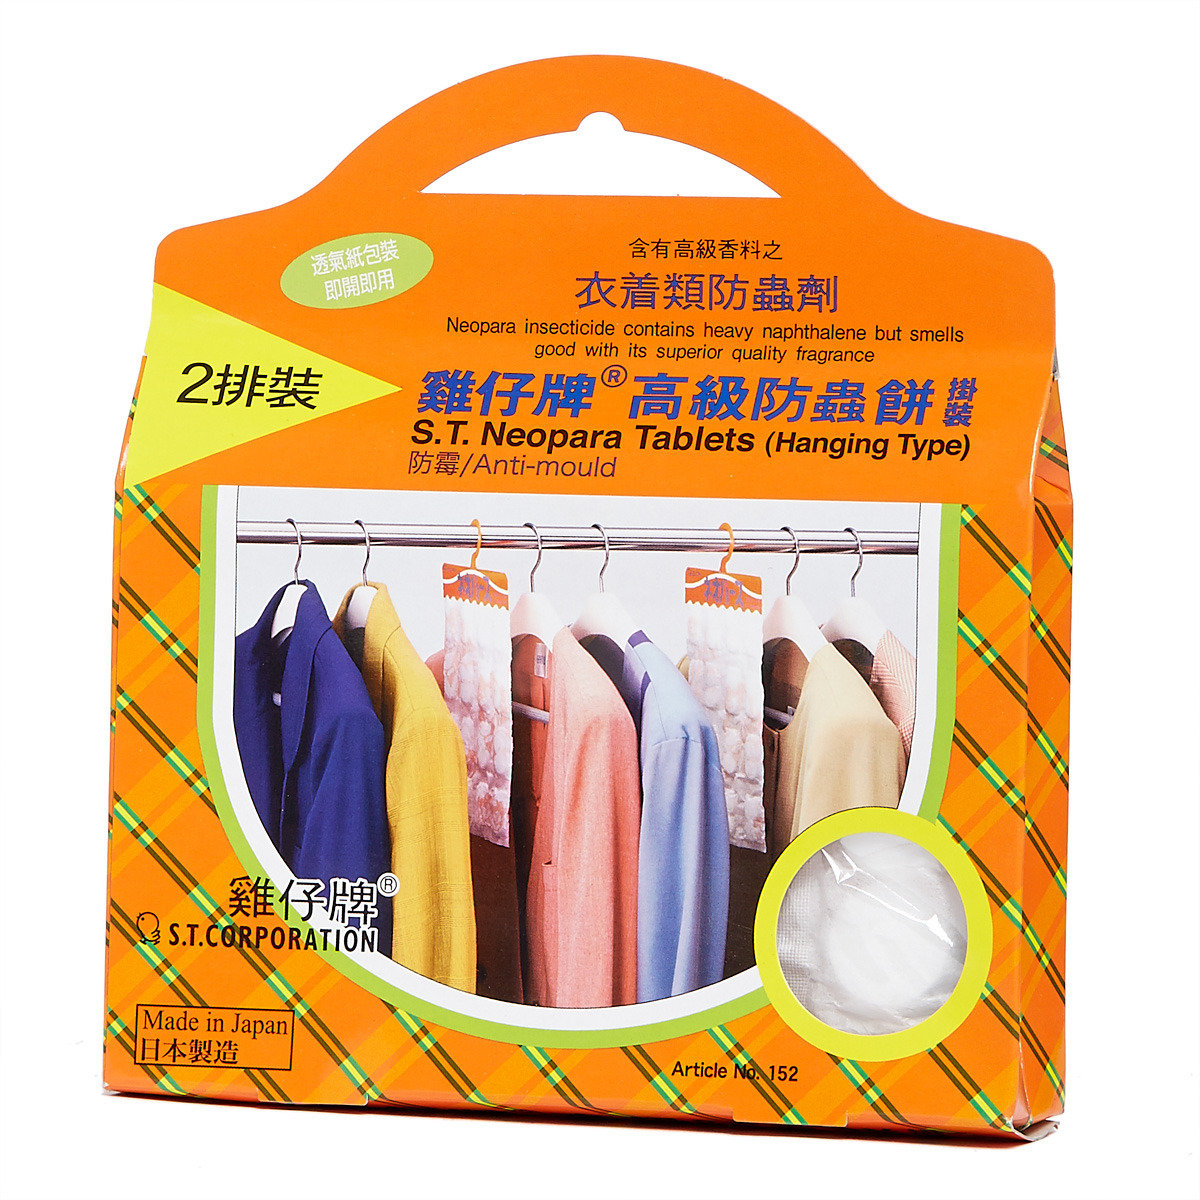 高級防蟲餅 - 透氣紙 (掛裝)